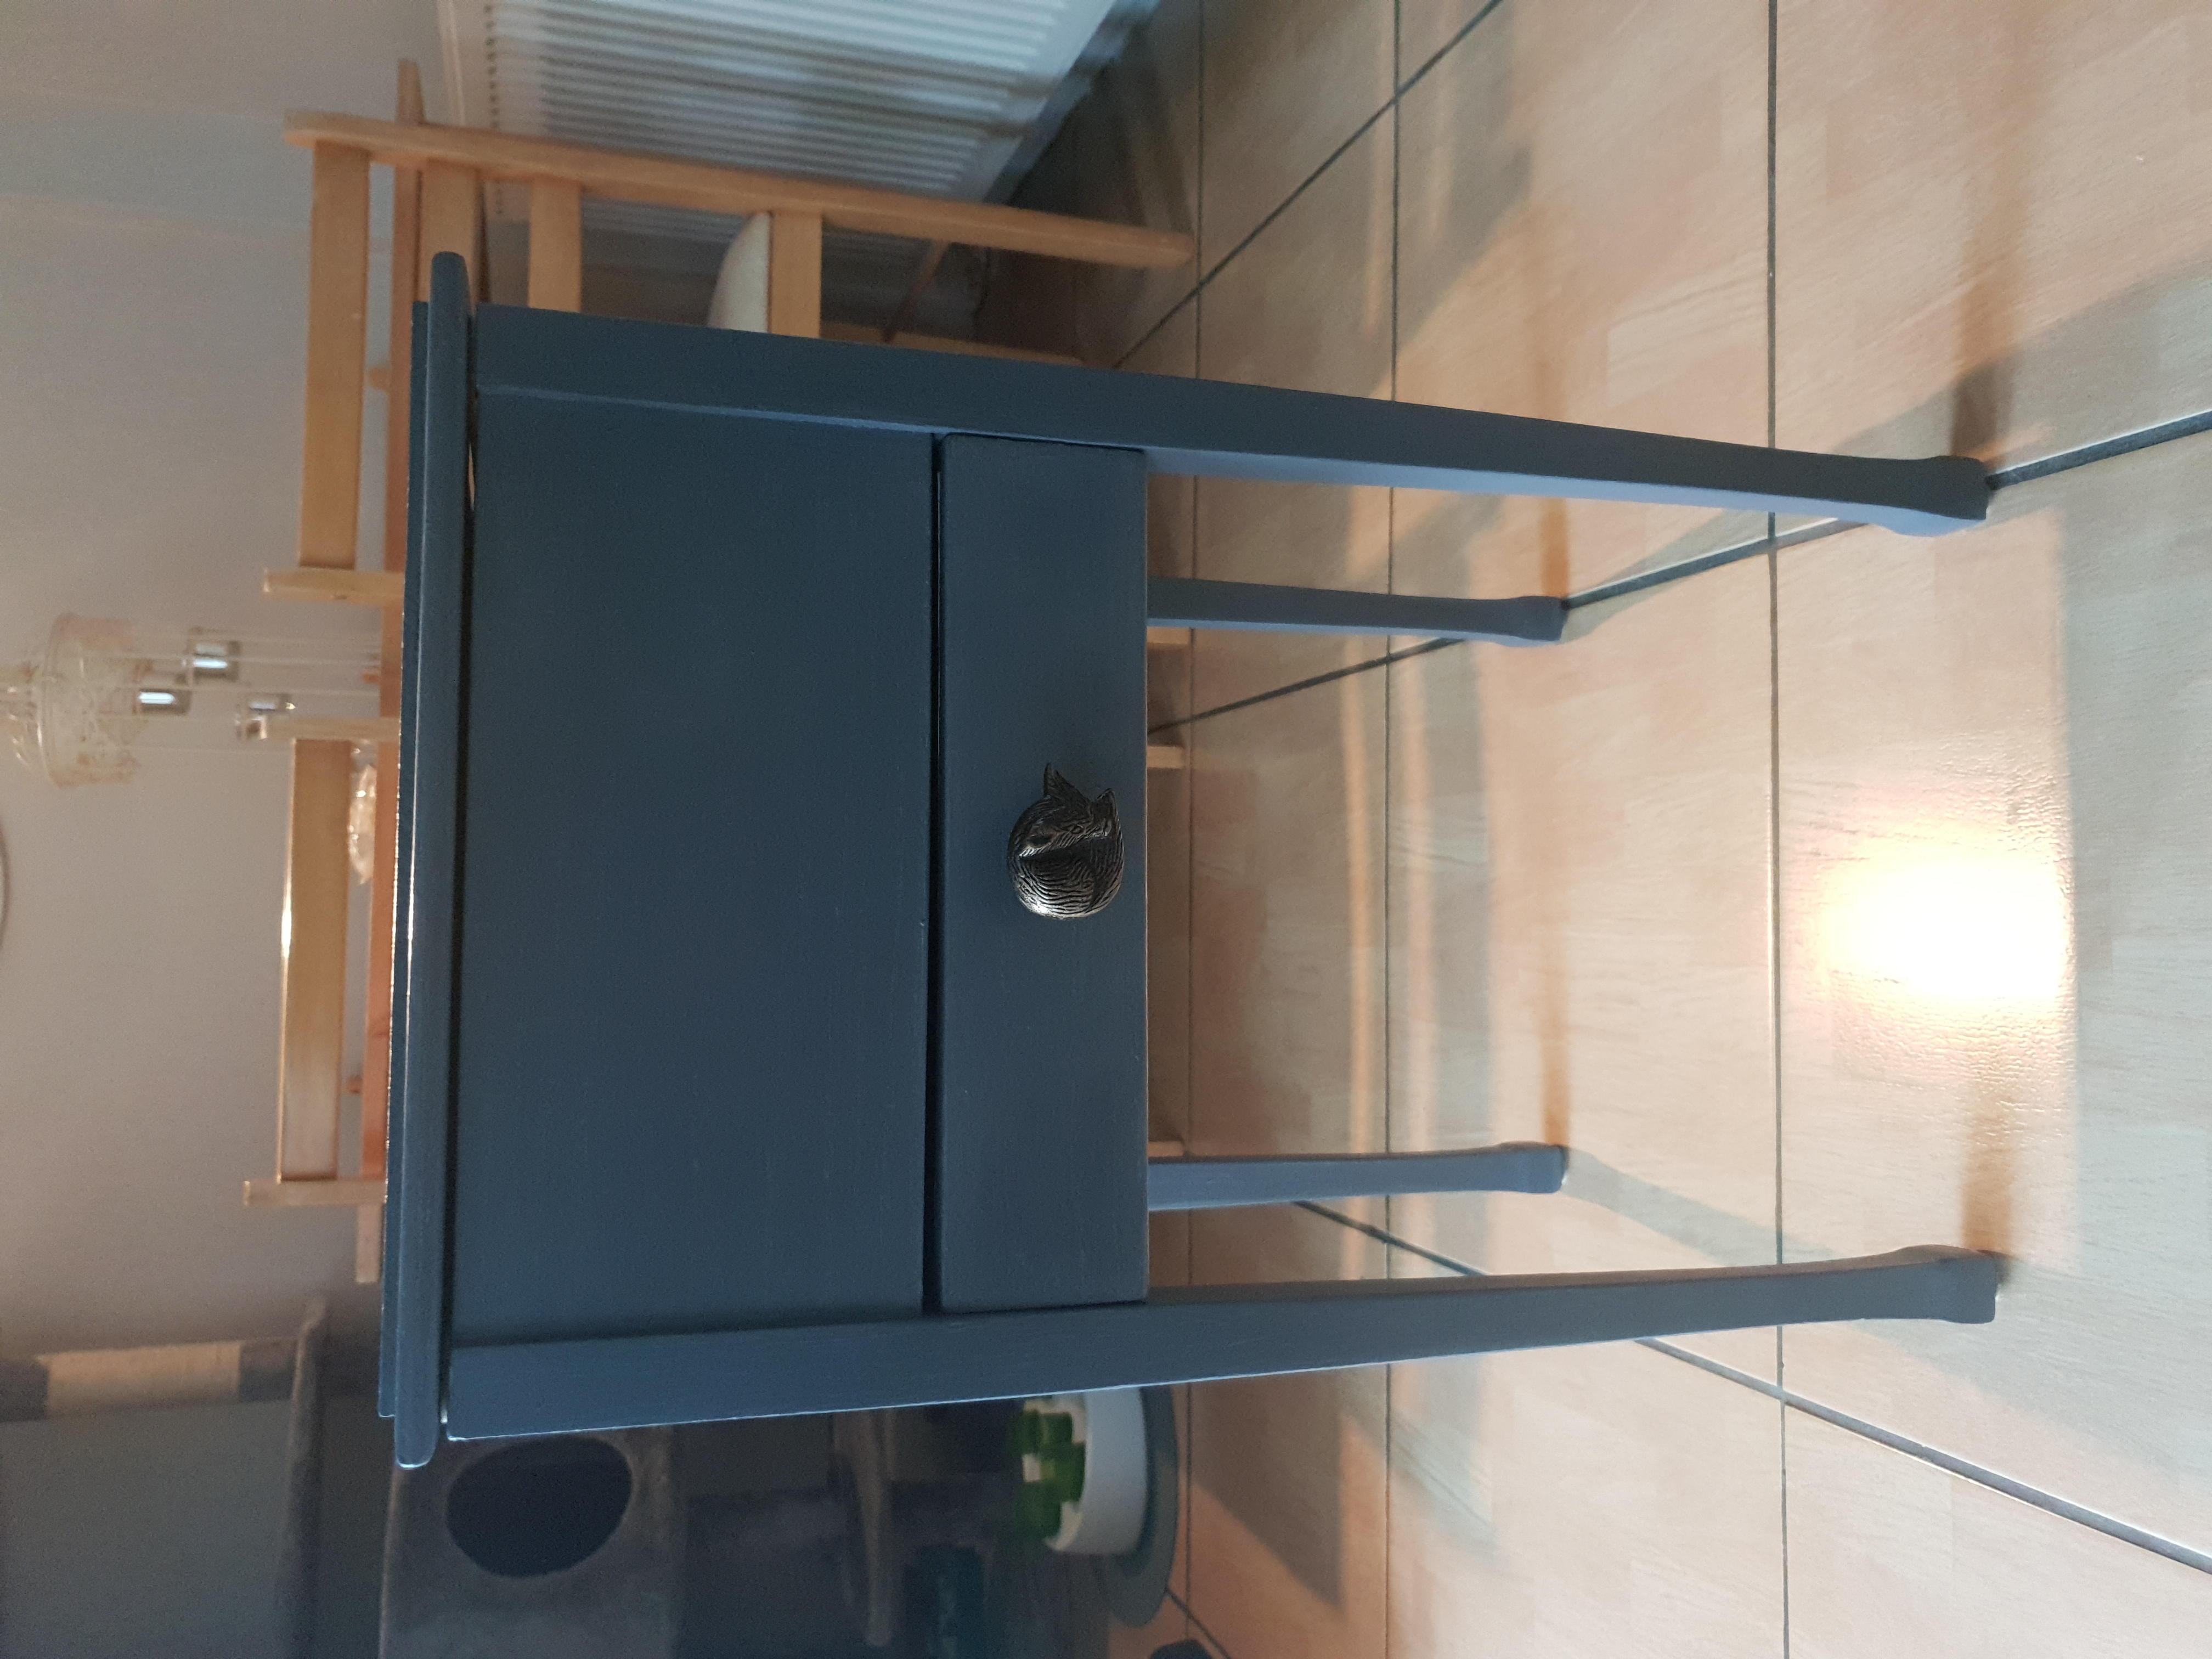 Refurbished wooden cabinet